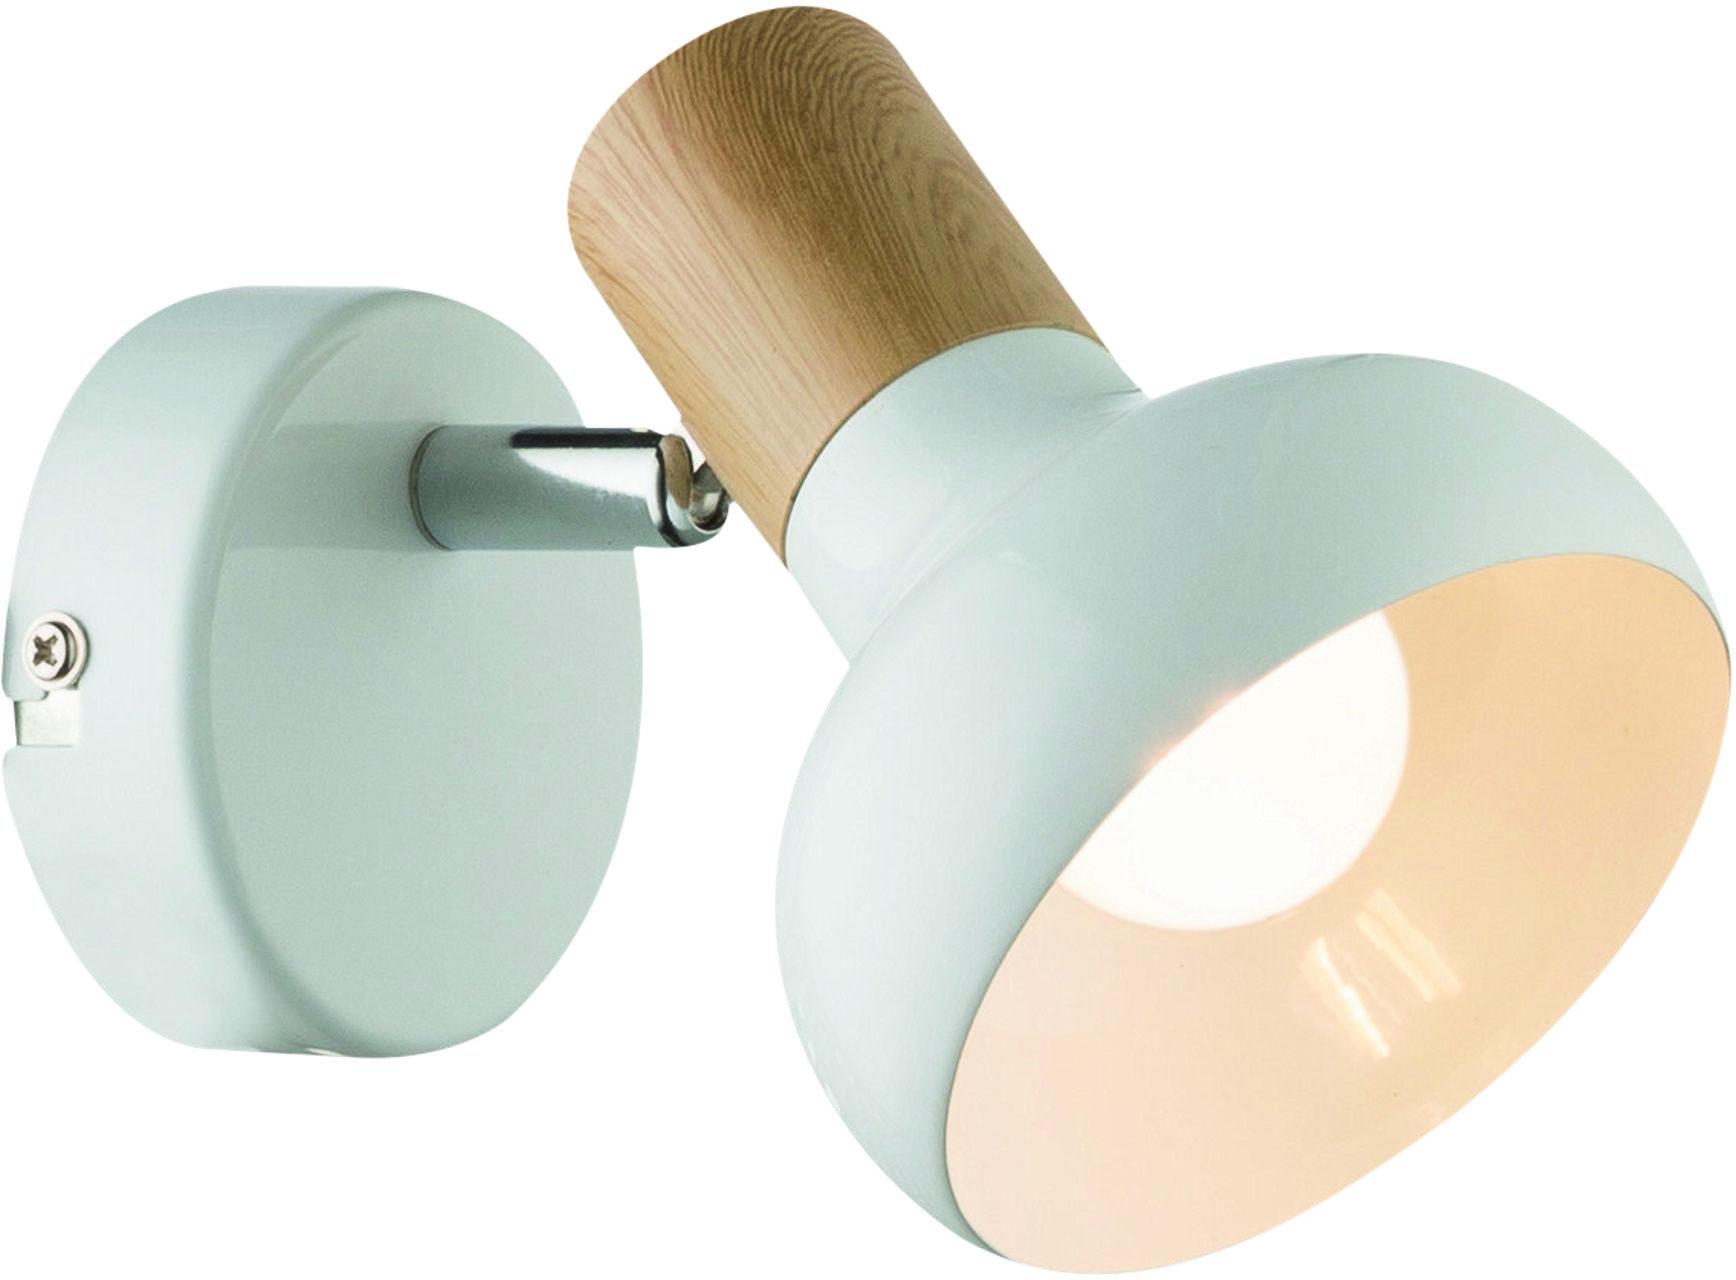 Candellux PUERTO 91-62796 kinkiet lampa ścienna biała metalowy klosz 1X40W E14 10cm